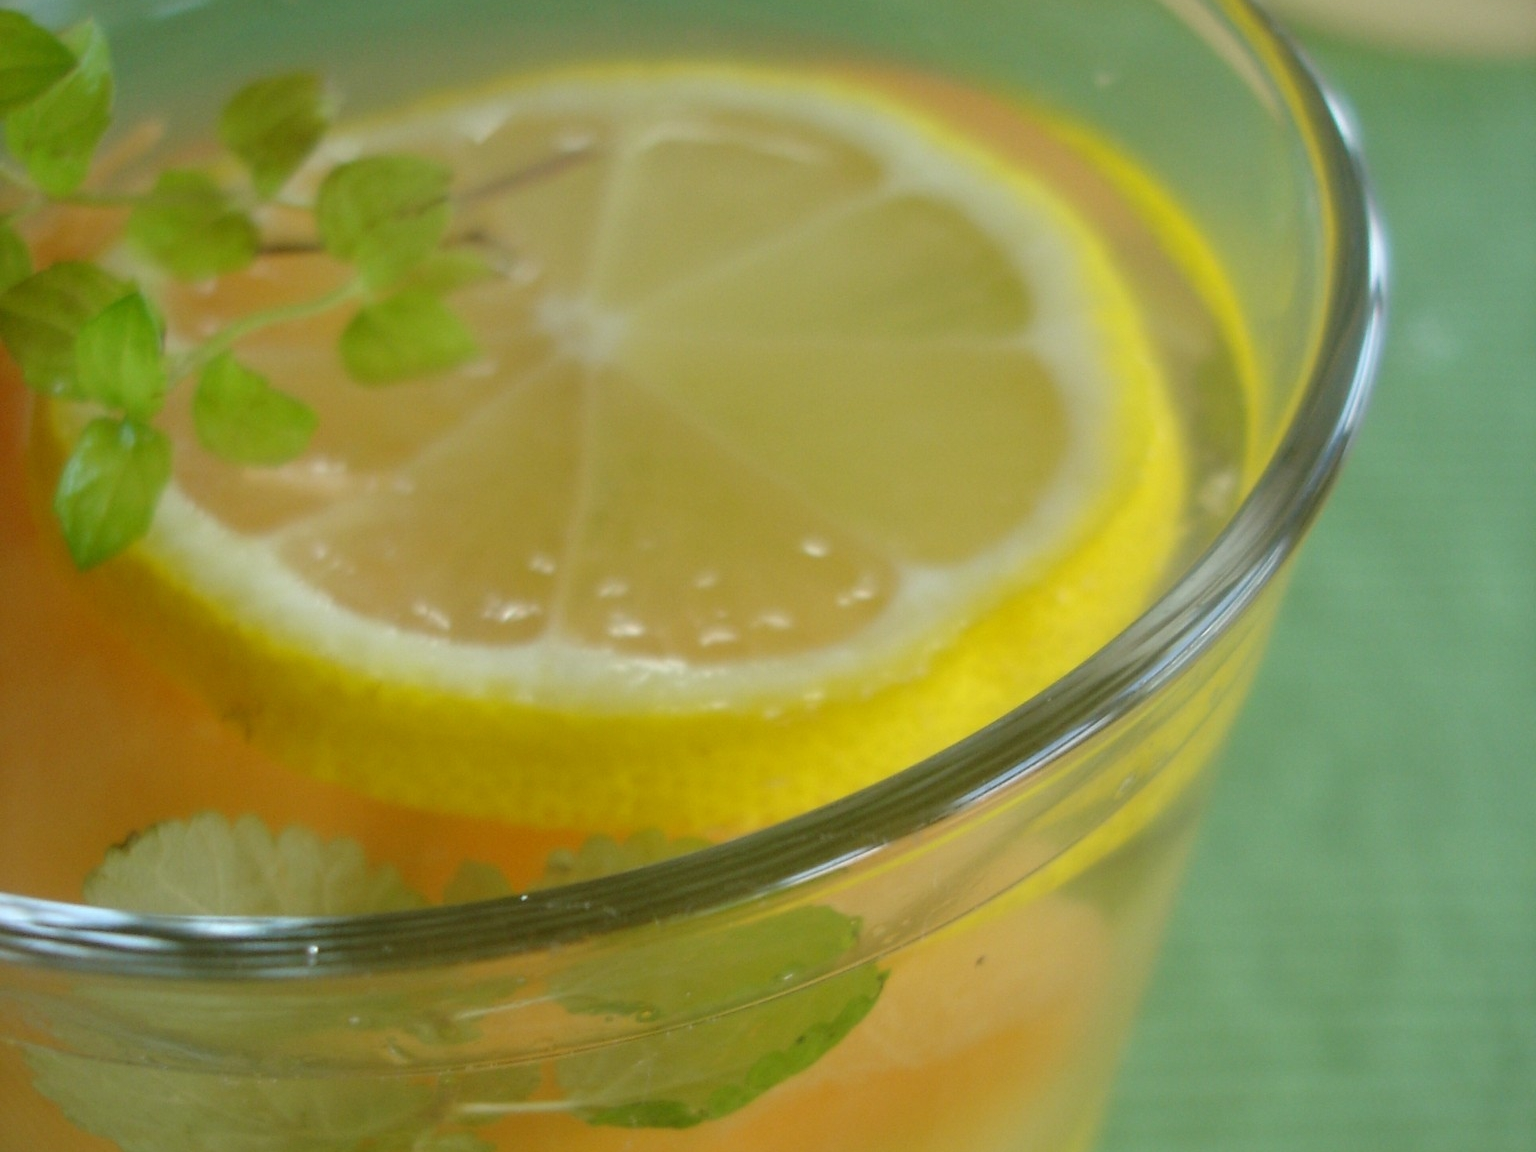 Grüner Zitronen-Eistee mit Melone